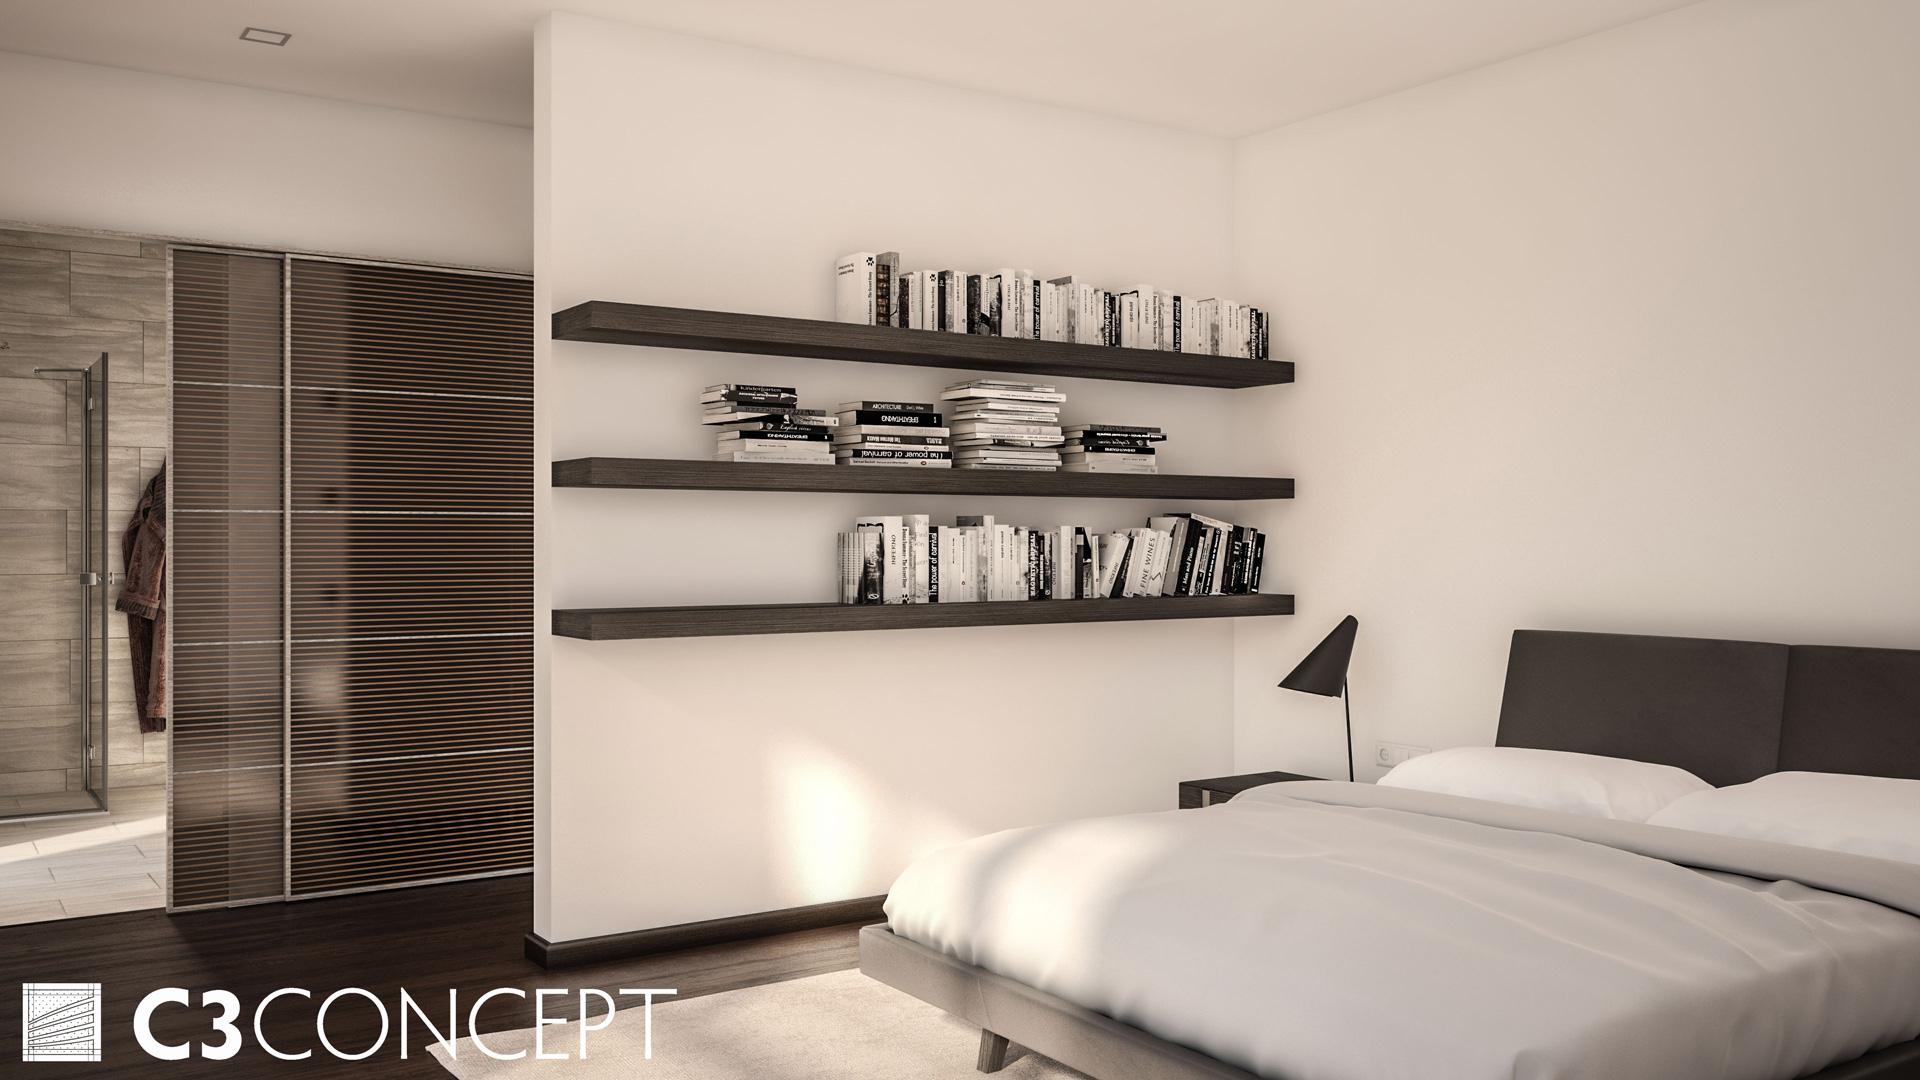 C3 Concept, visualisation 3D à Bulle. Sorens villa intérieur